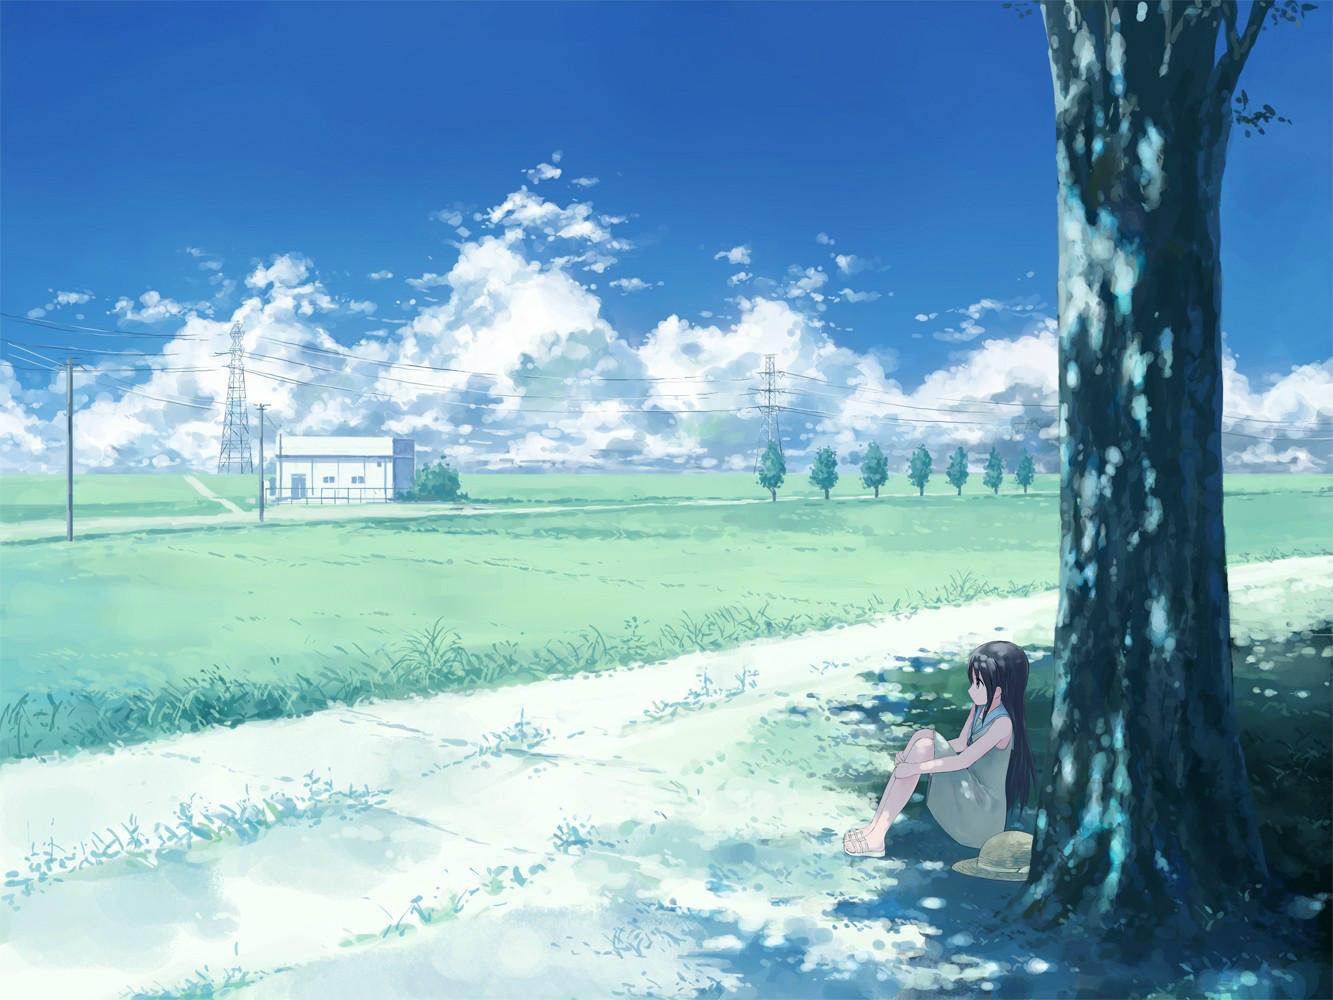 【唯美】二次元风景图-二次元风景图片